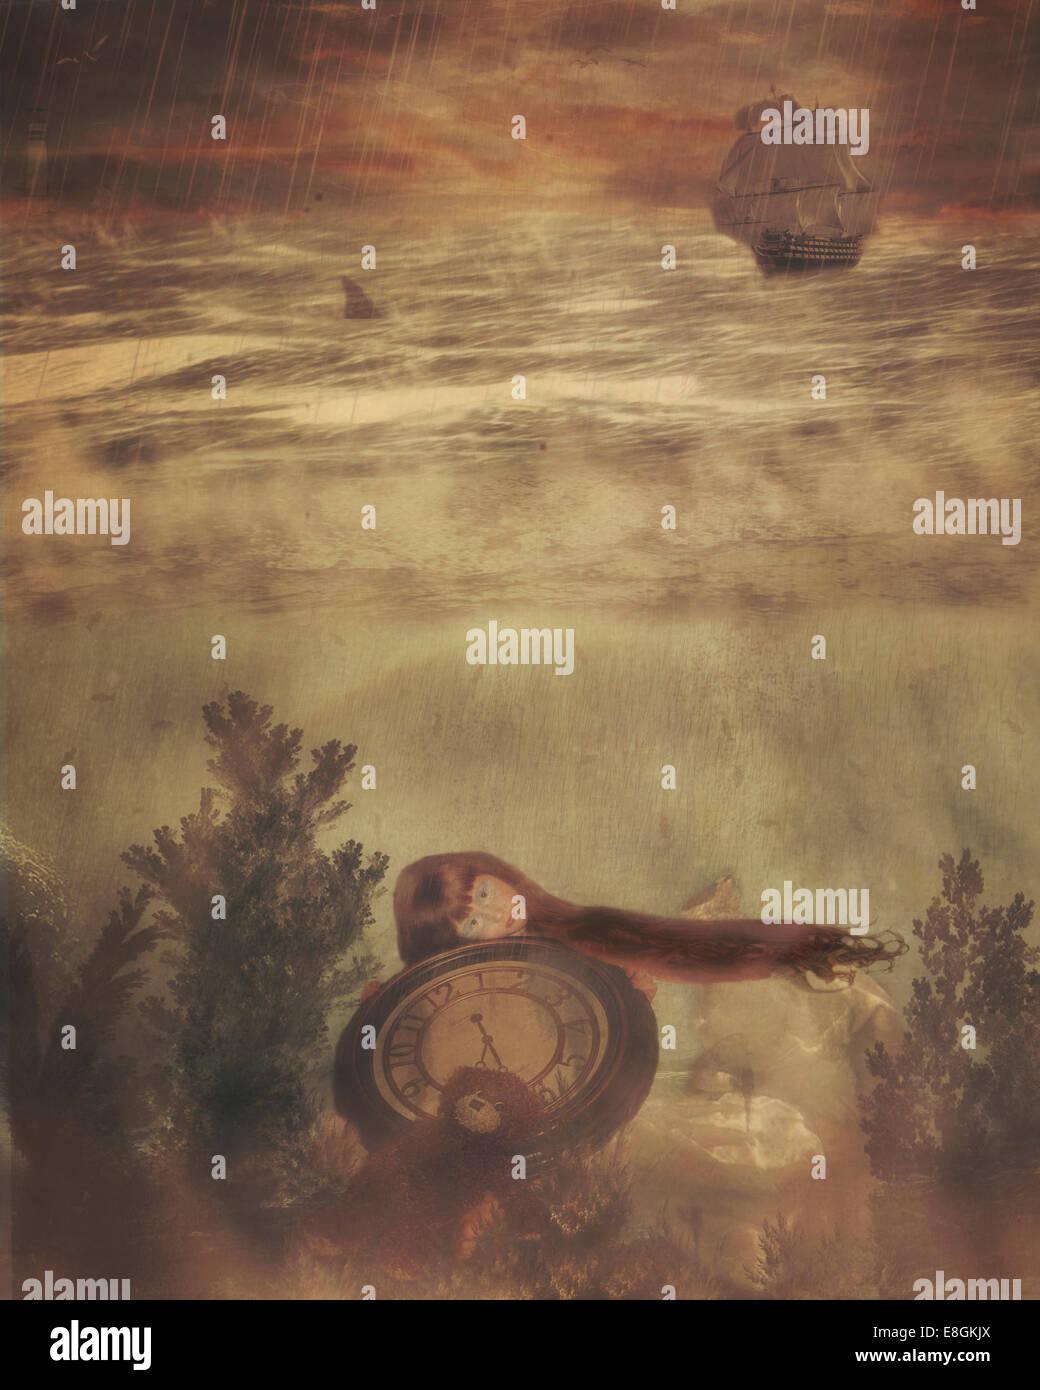 Abbildung des Mädchens, die große Uhr unter Wasser halten Stockbild